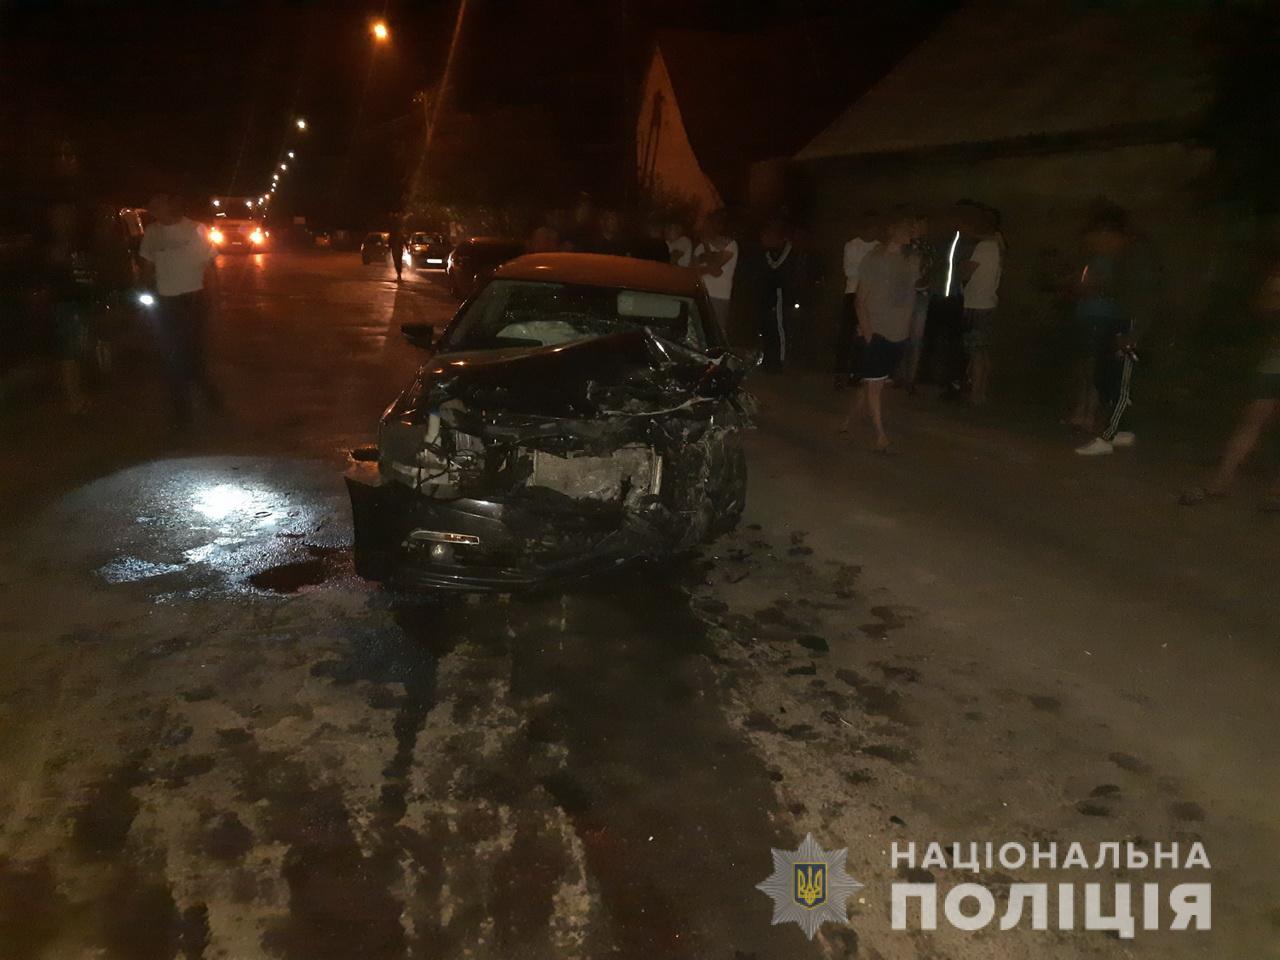 На Міжгірщині зіткнулися автомобілі – обидва водія були п'яні, троє пасажирок отримали травми